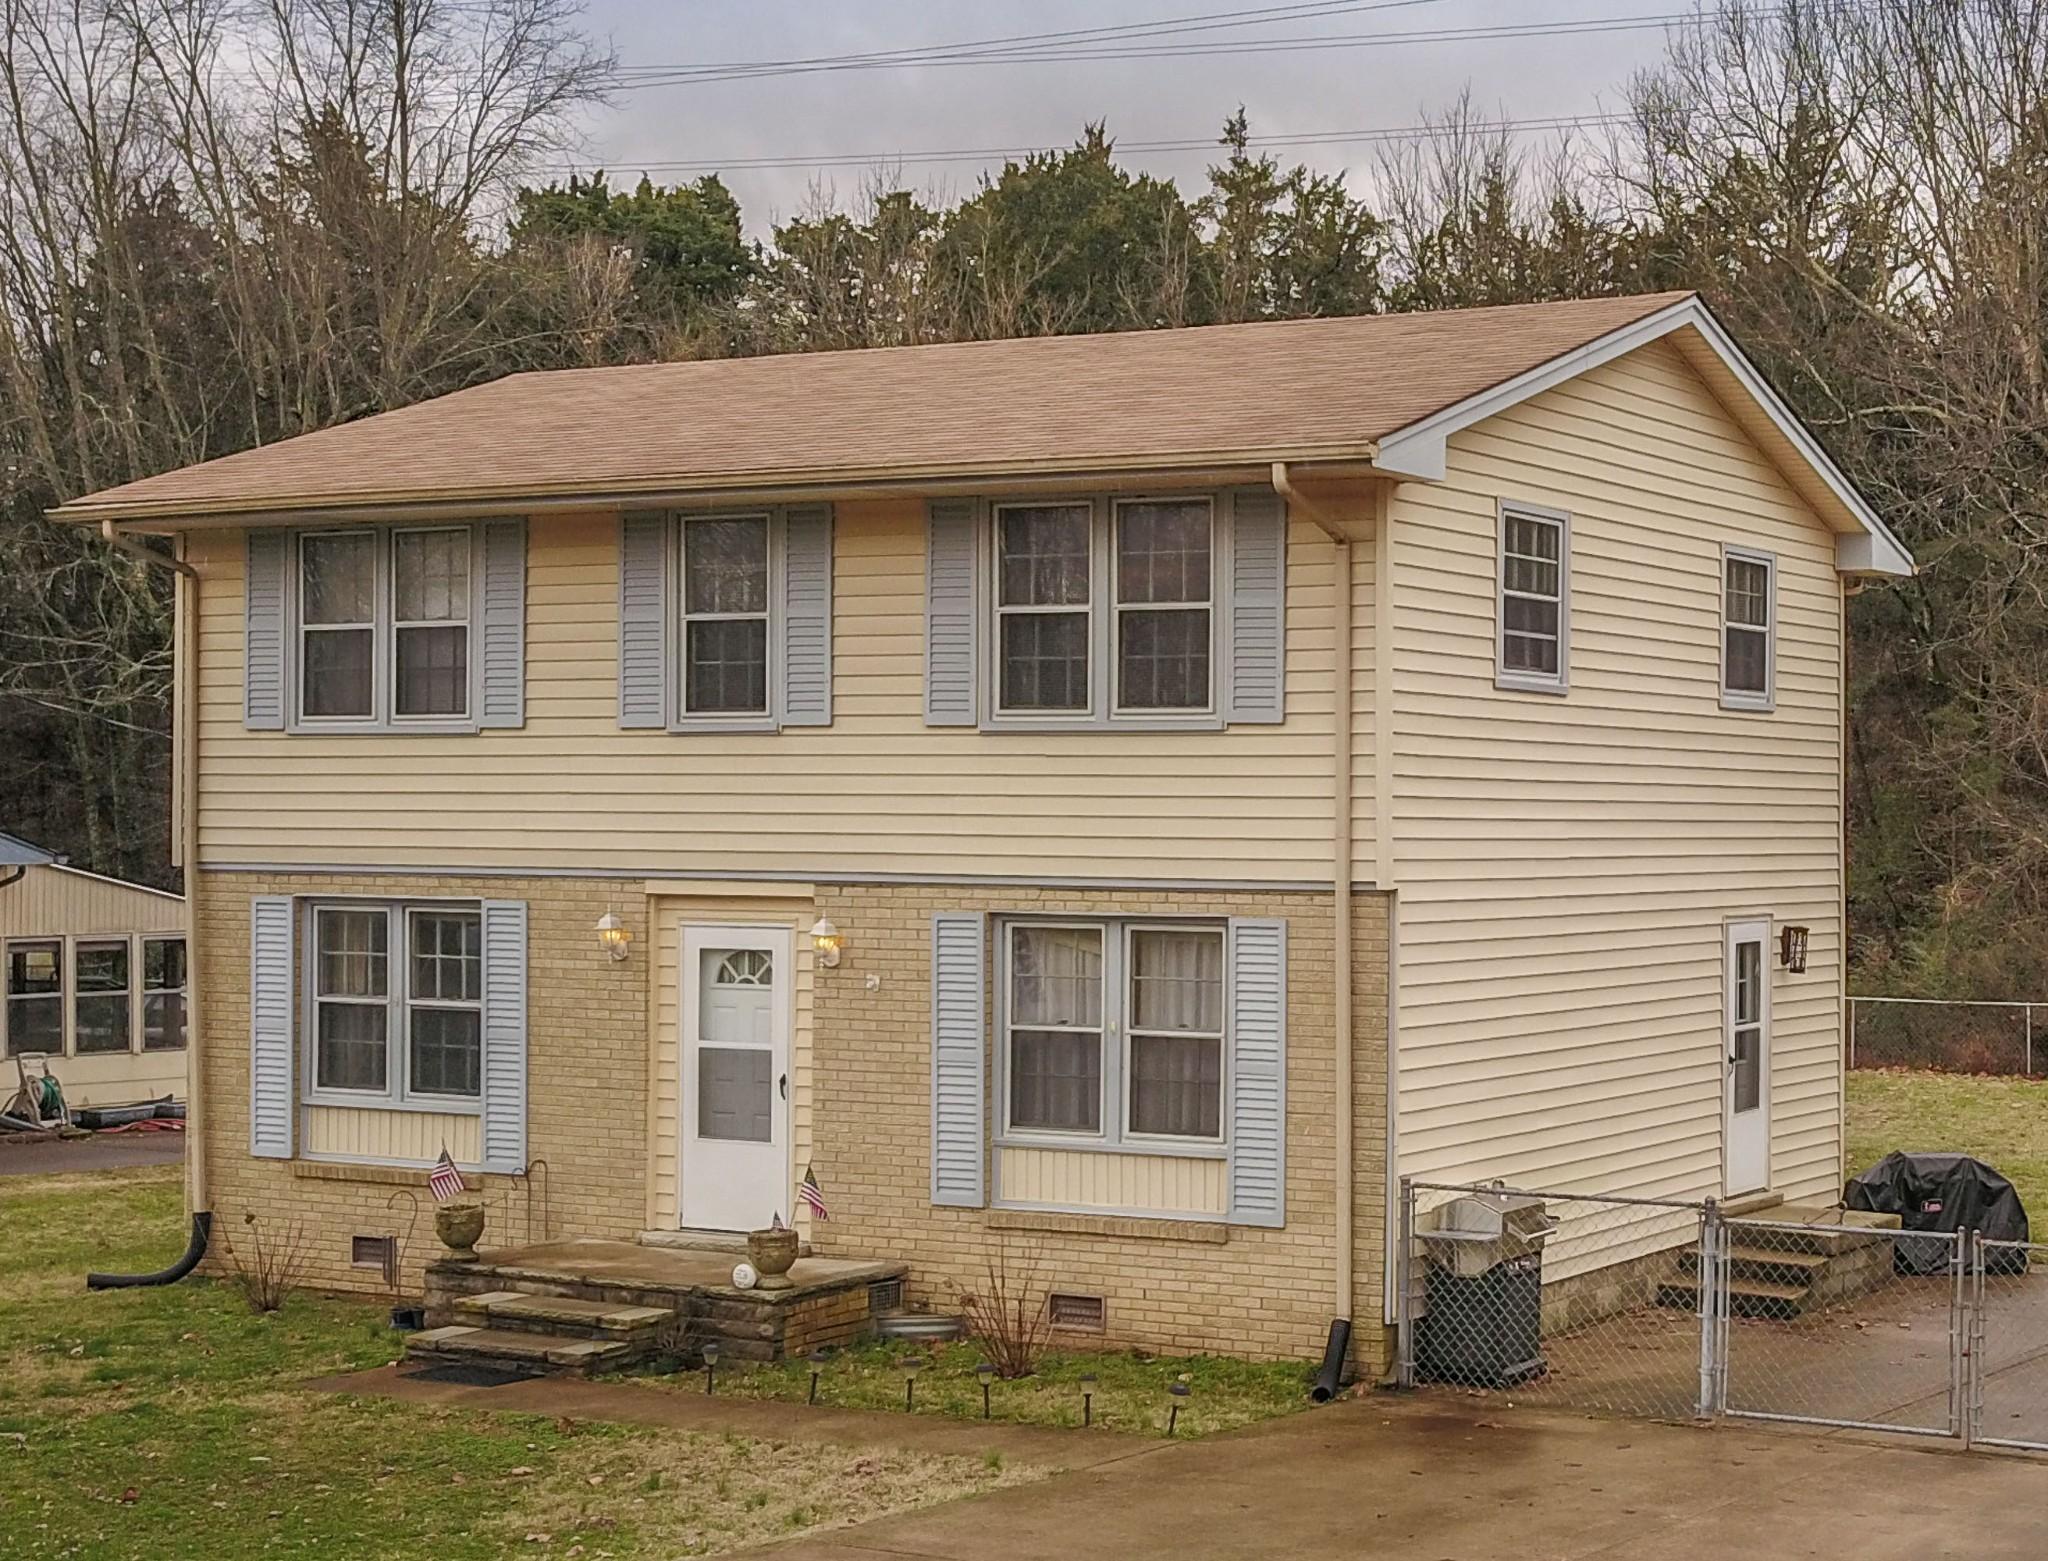 357 Janette Ave, Goodlettsville, TN 37072 - Goodlettsville, TN real estate listing